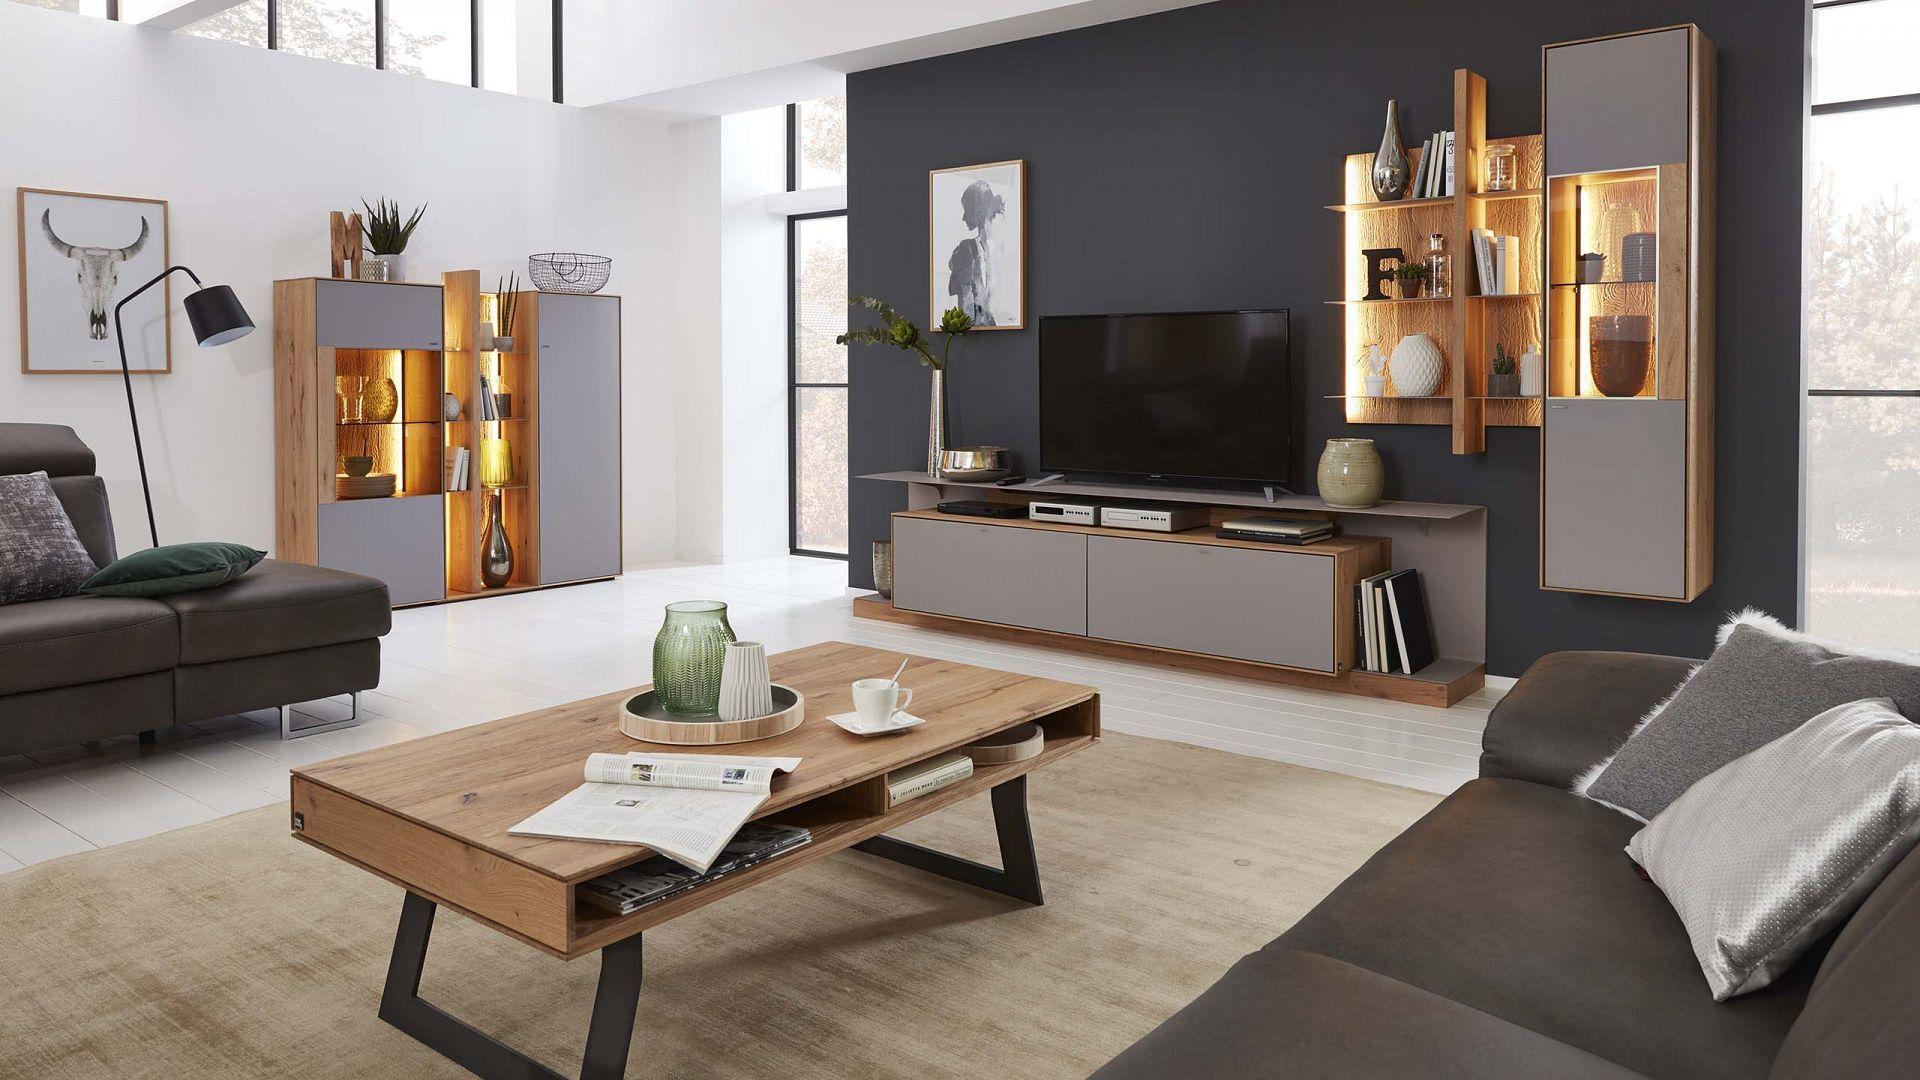 viele verschiedene varianten gehoren zur interliving wohnzimmer serie 2001 die du dir individuell zusammenstellen kannst